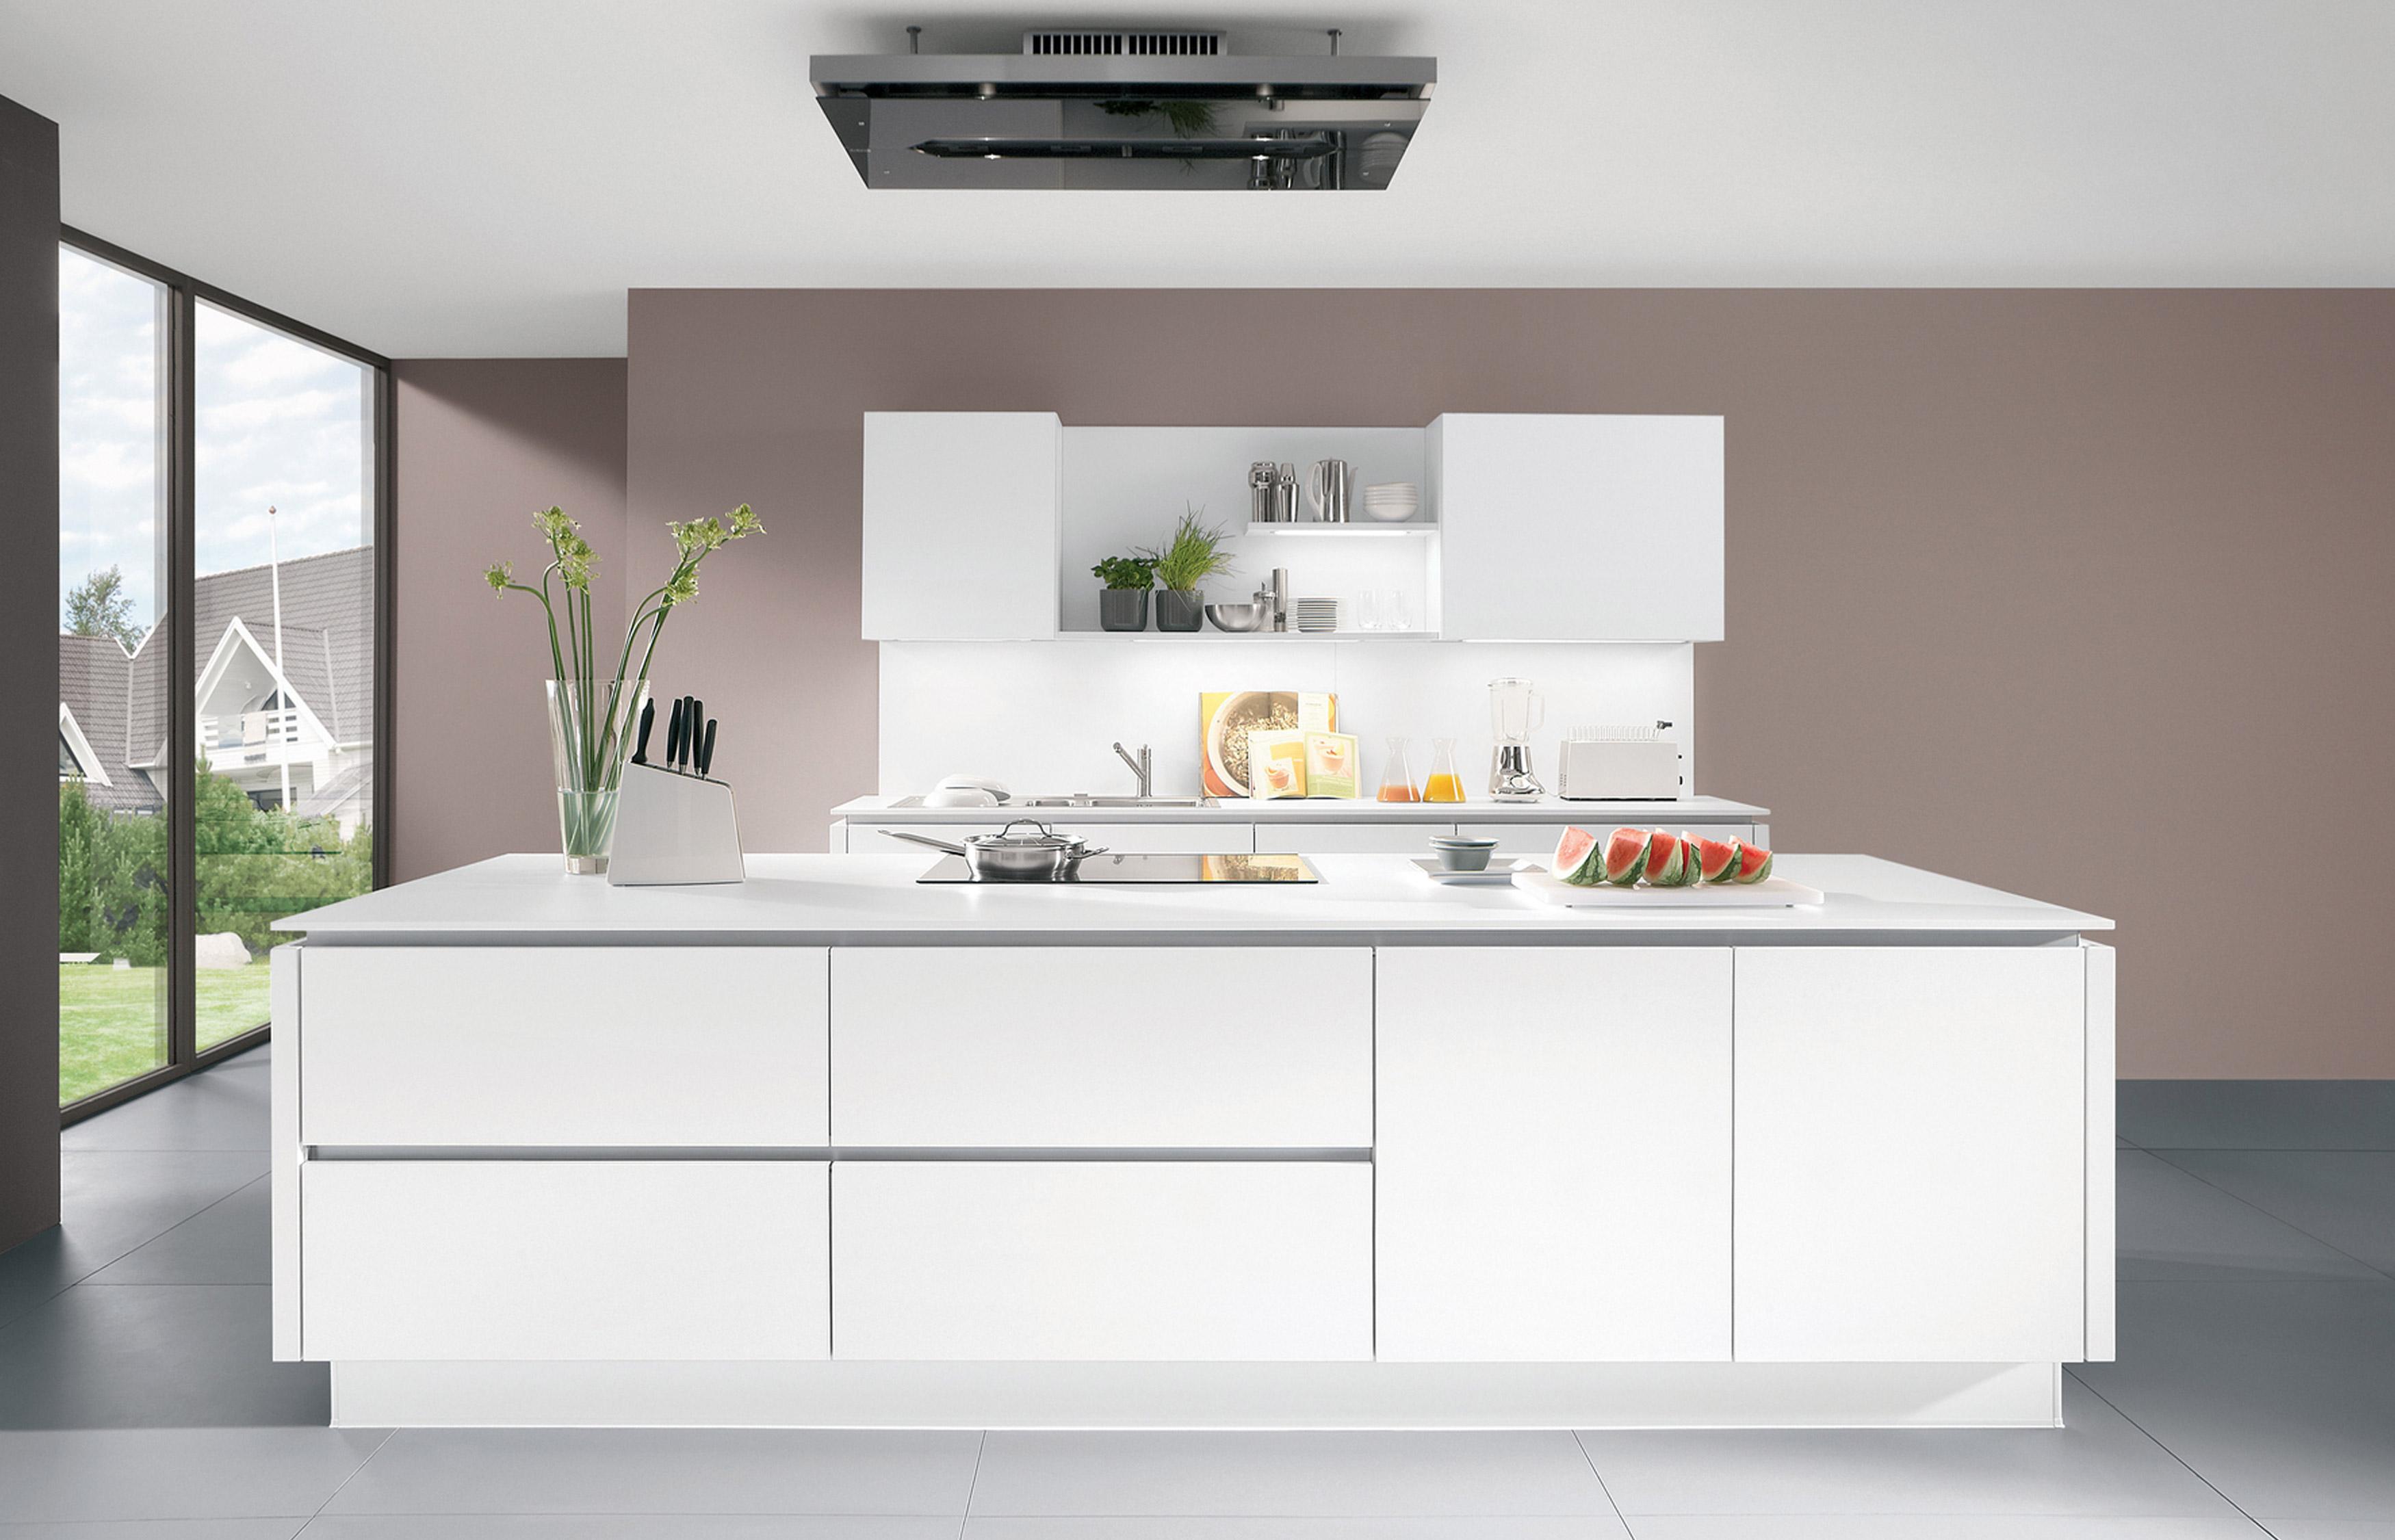 Cocinas modernas muebles hermanos p rez Muebles de cocina xey modelo alpina